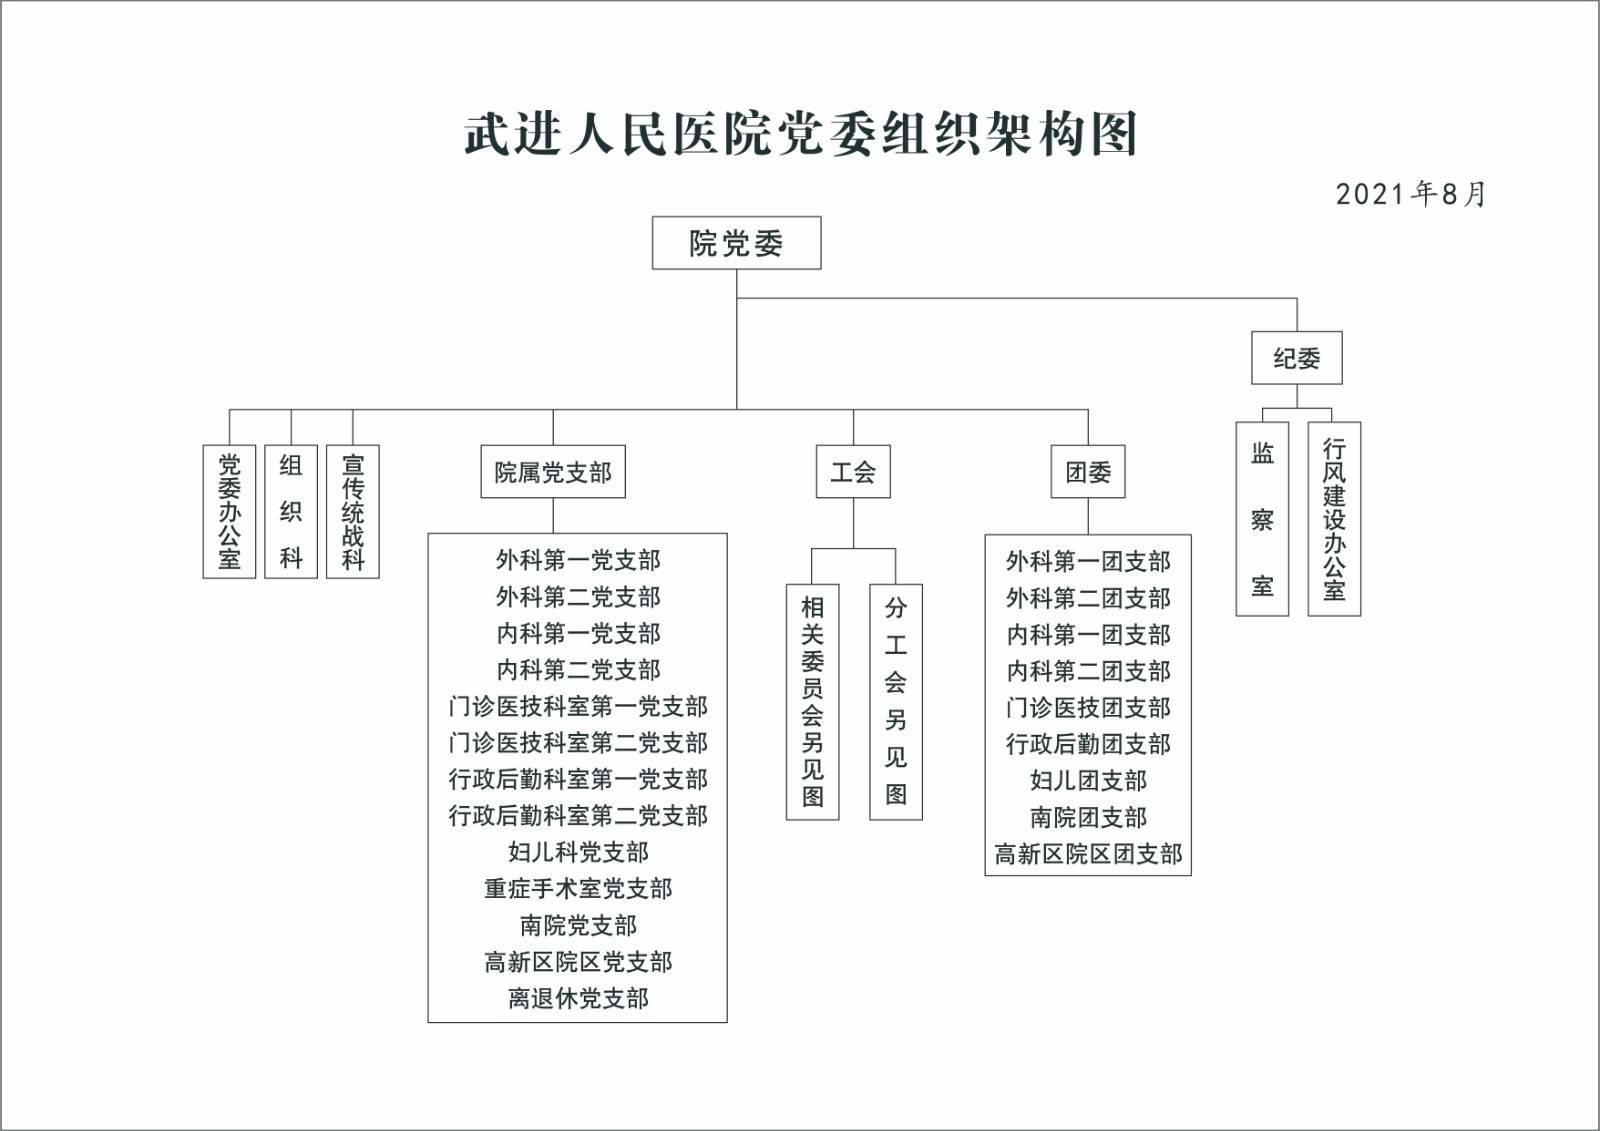 党委组织架构图(2021.08).jpg